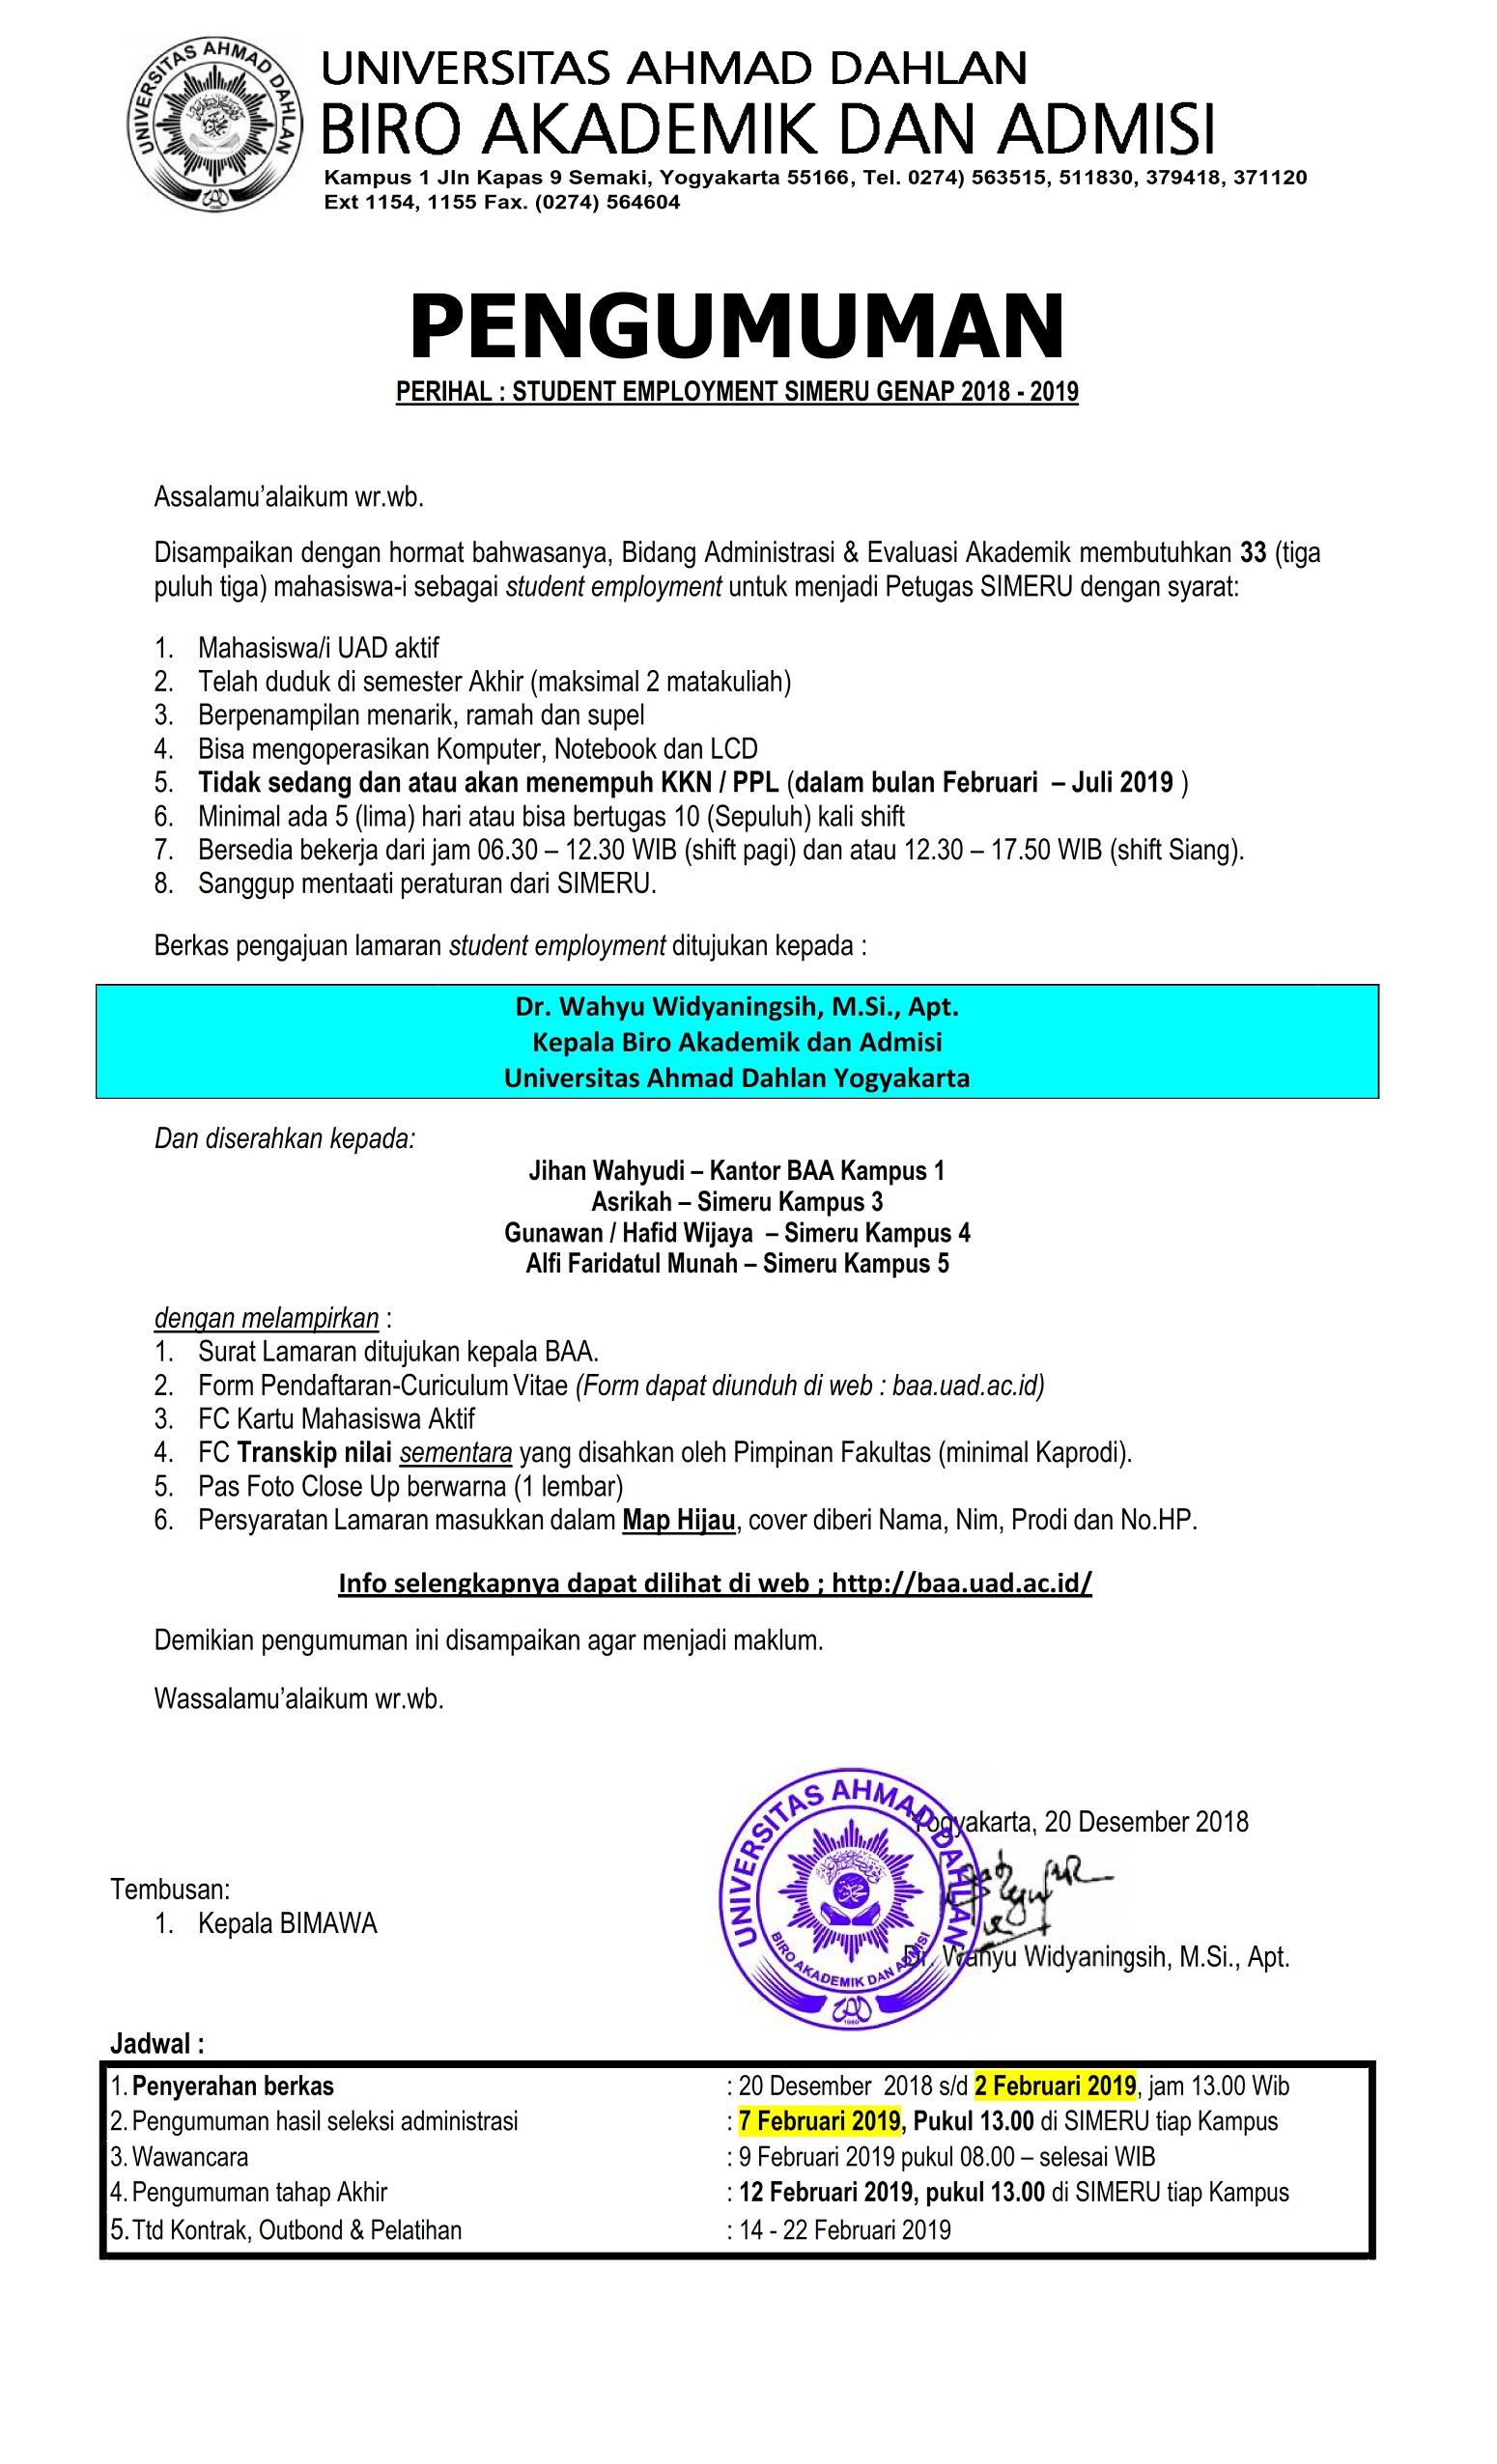 pengumuman rekruitmen SIMERU Genap 2018-2019